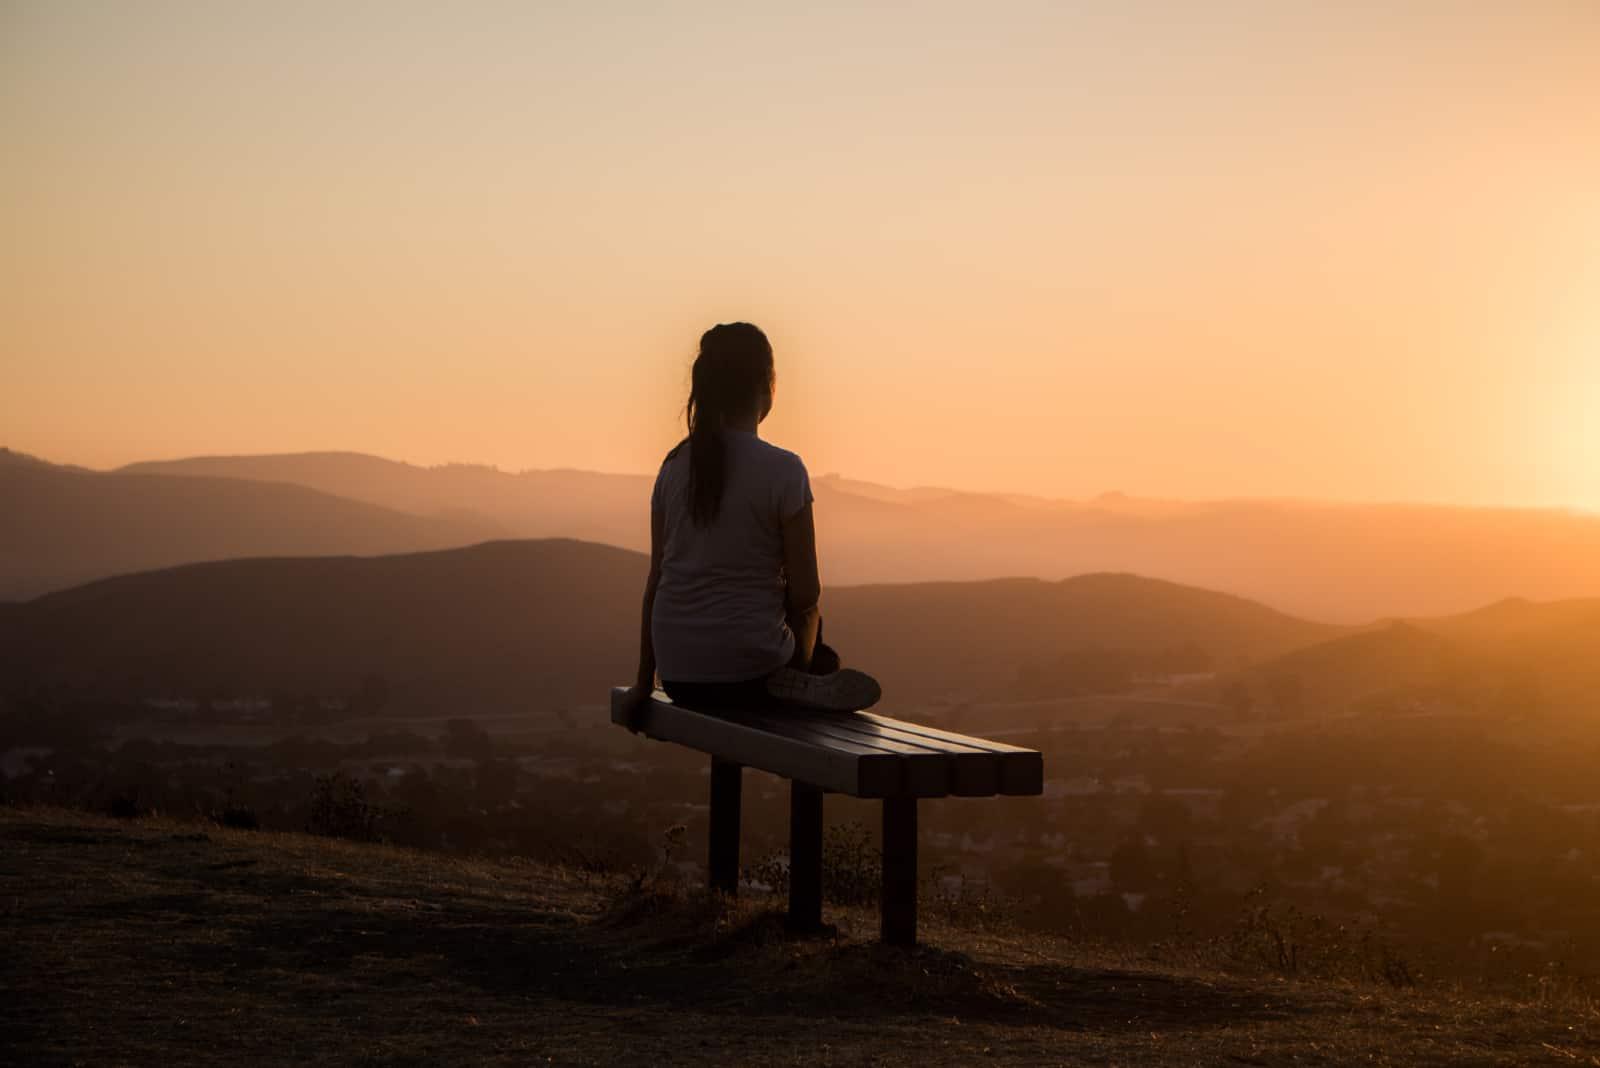 femme assise sur un banc regardant la montagne